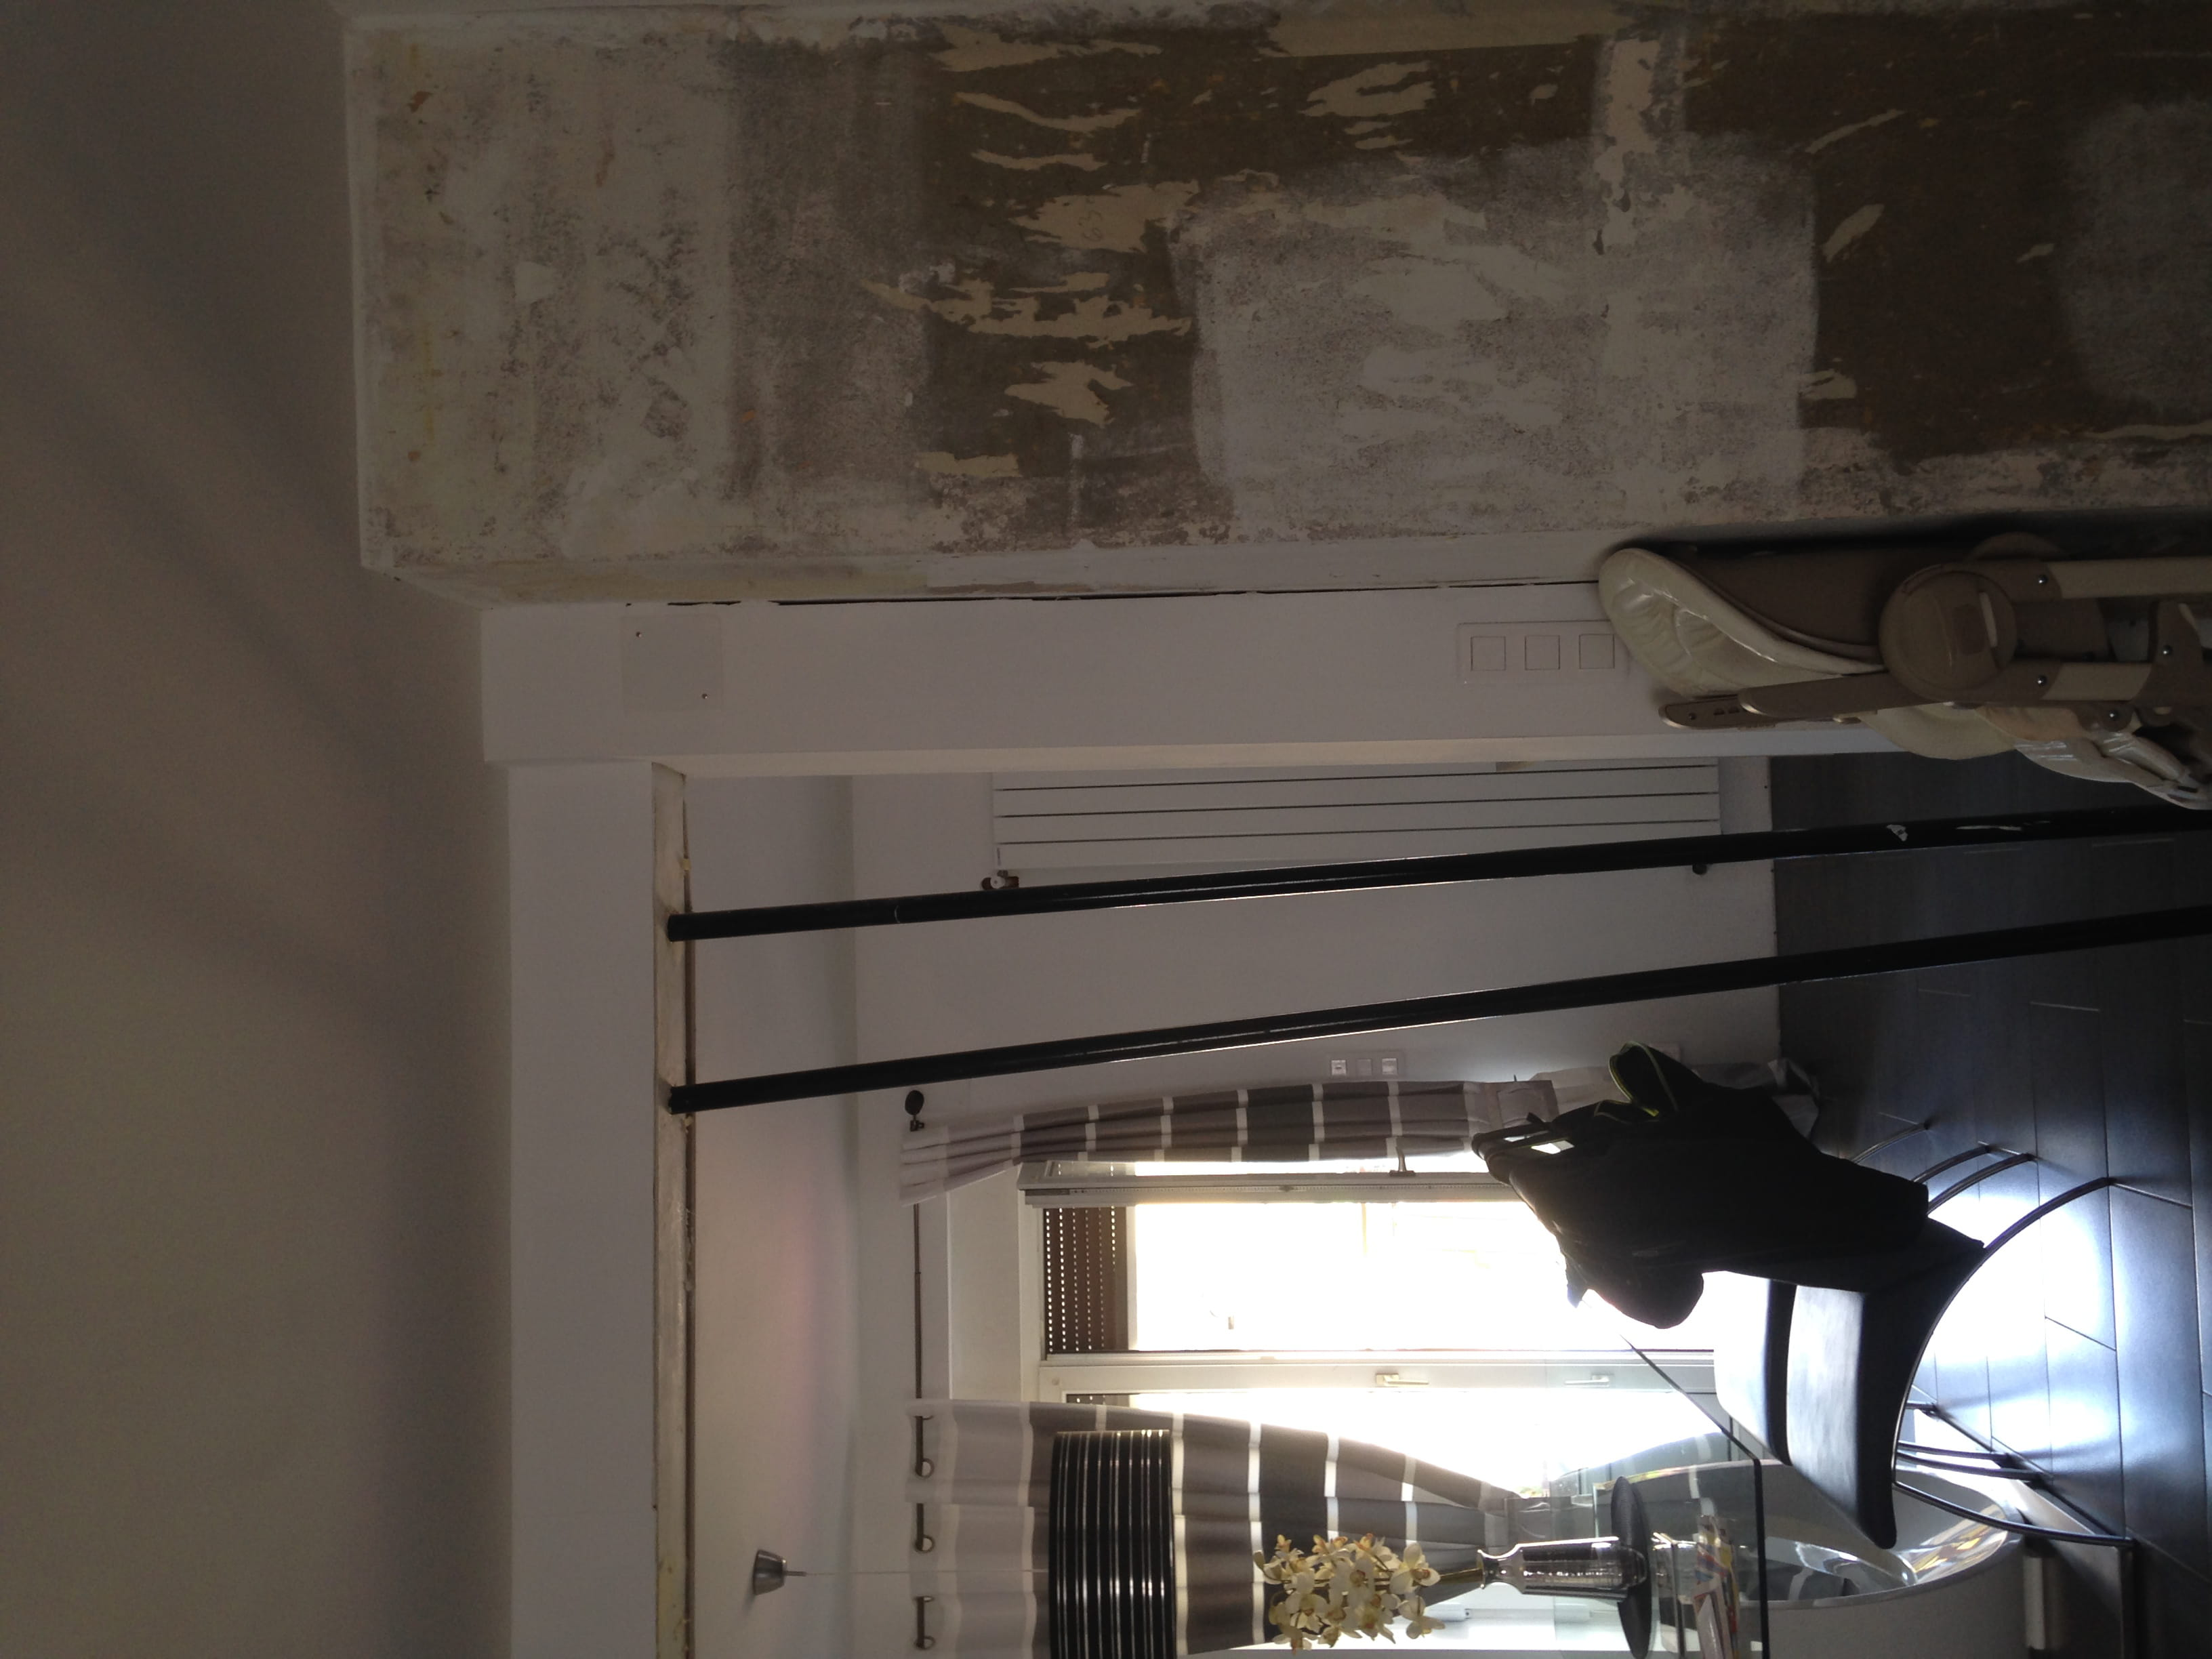 Sceller Traverse De Chemin De Fer tube en fer scellé dans linteau - forum construction et